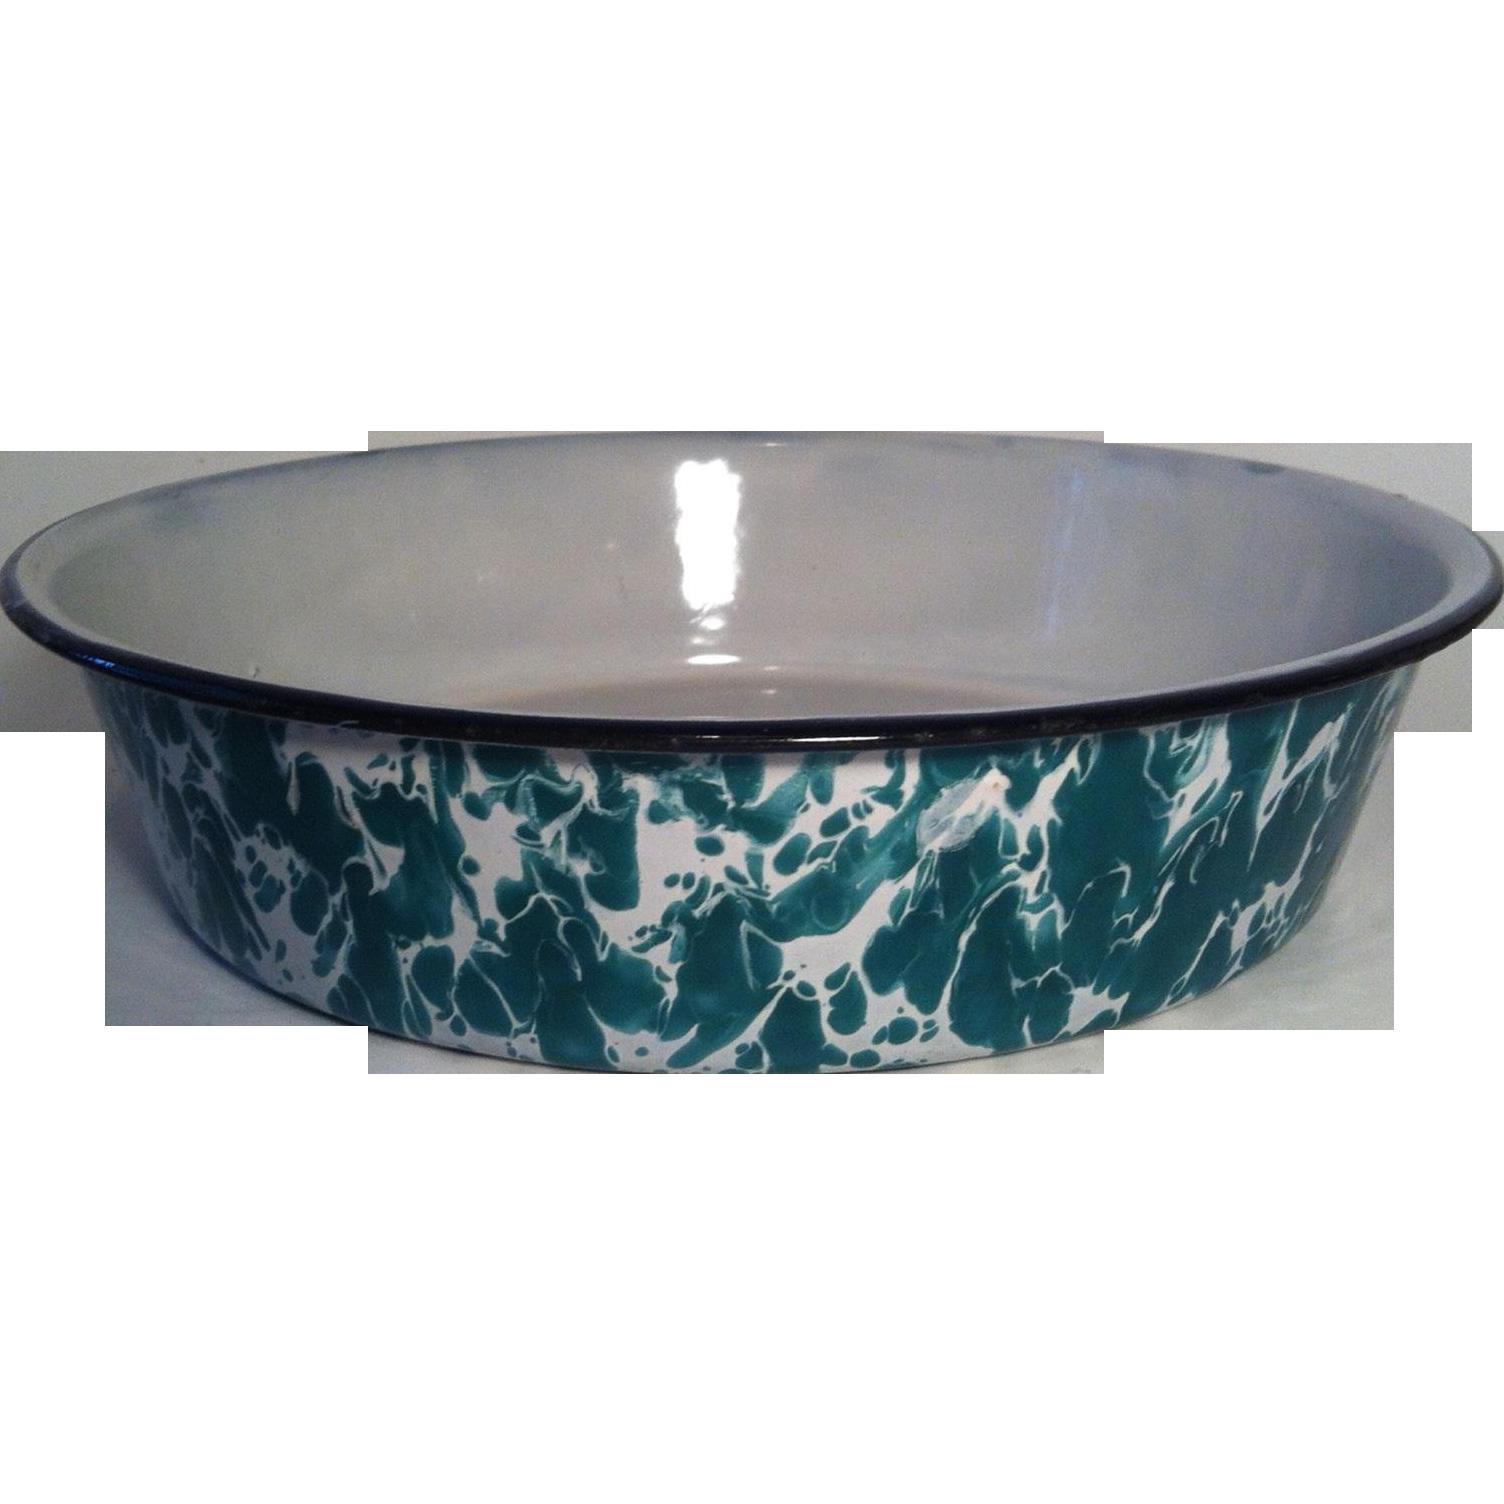 Green & White Enamelware Pan